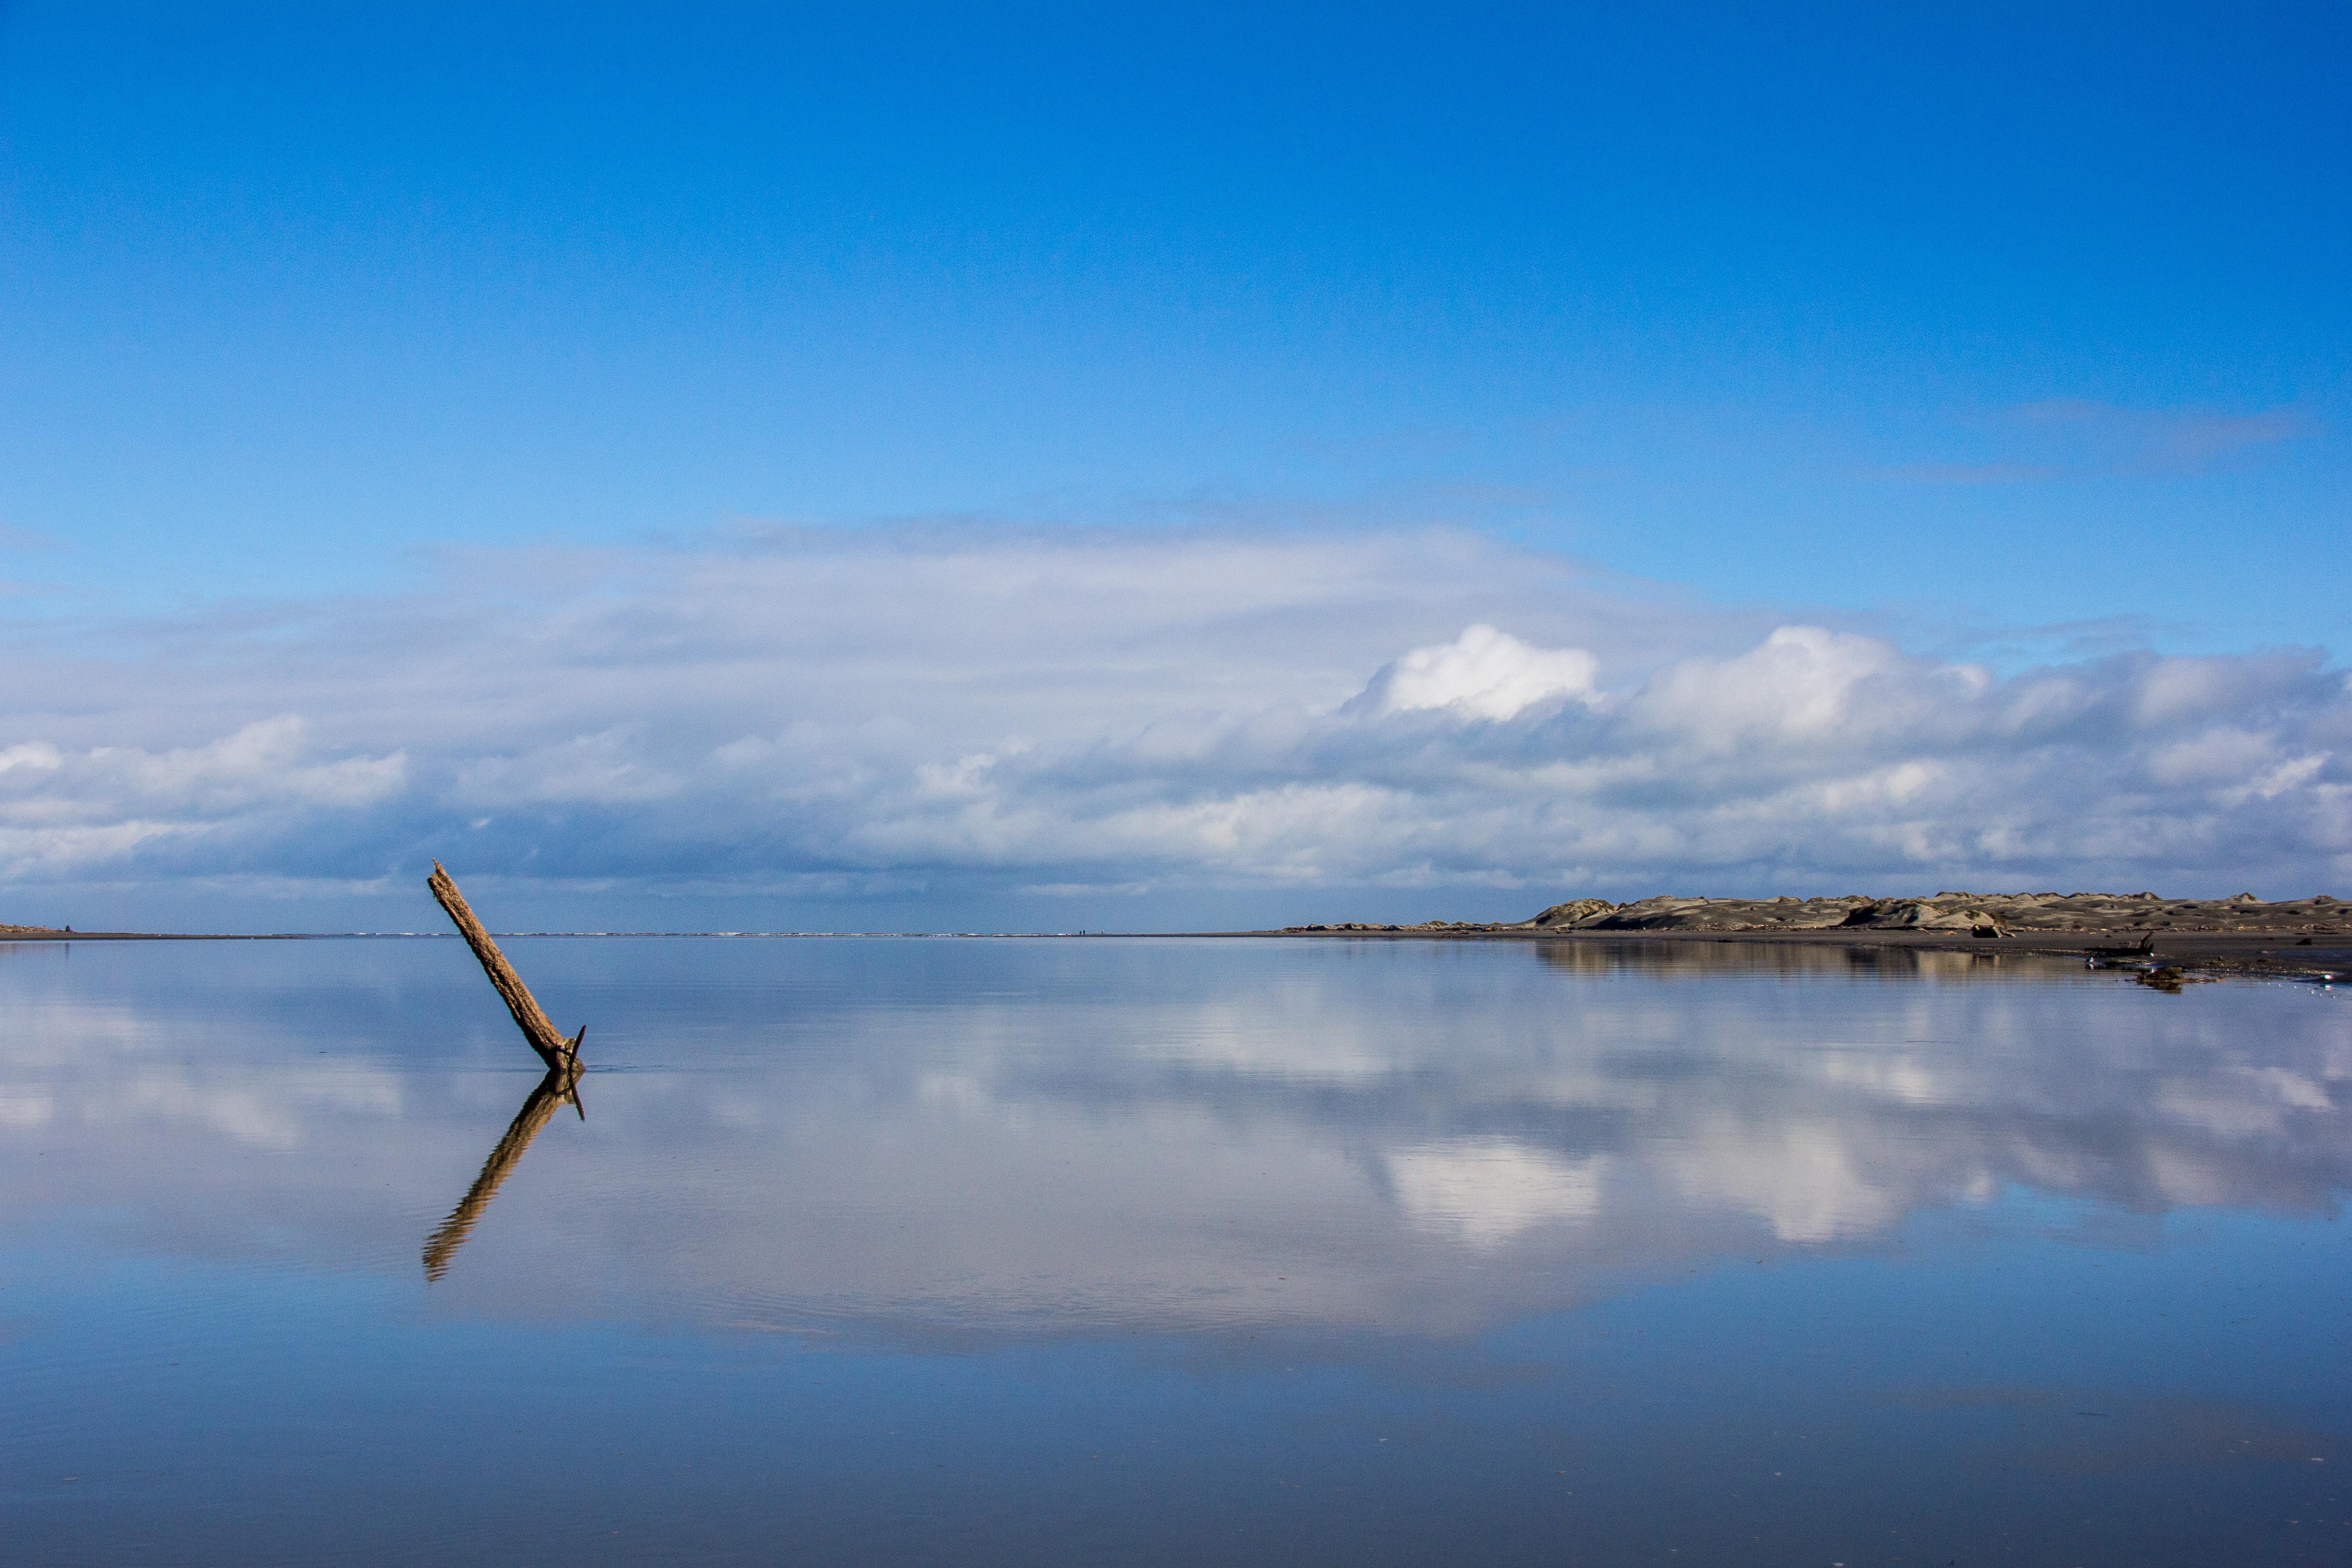 Manawatu River reflection